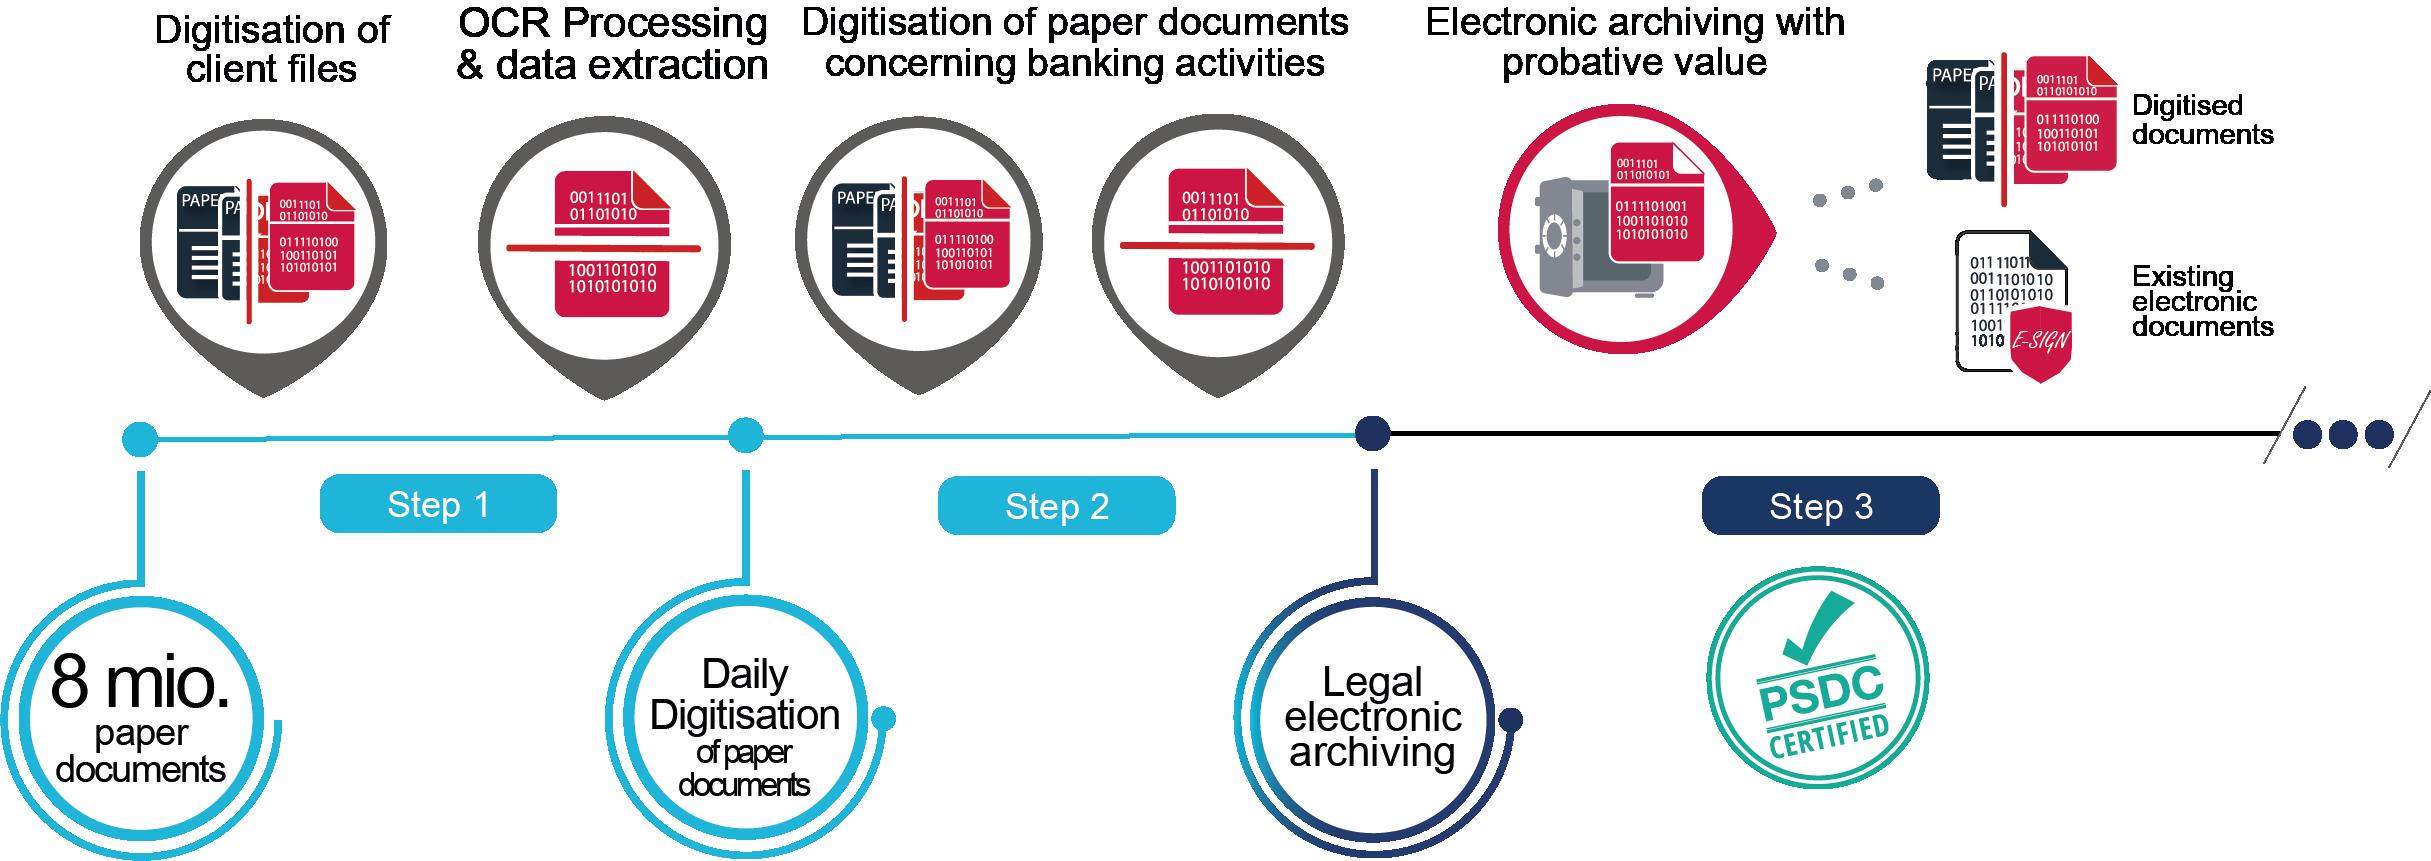 processus de numérisation et d'archivage électronique